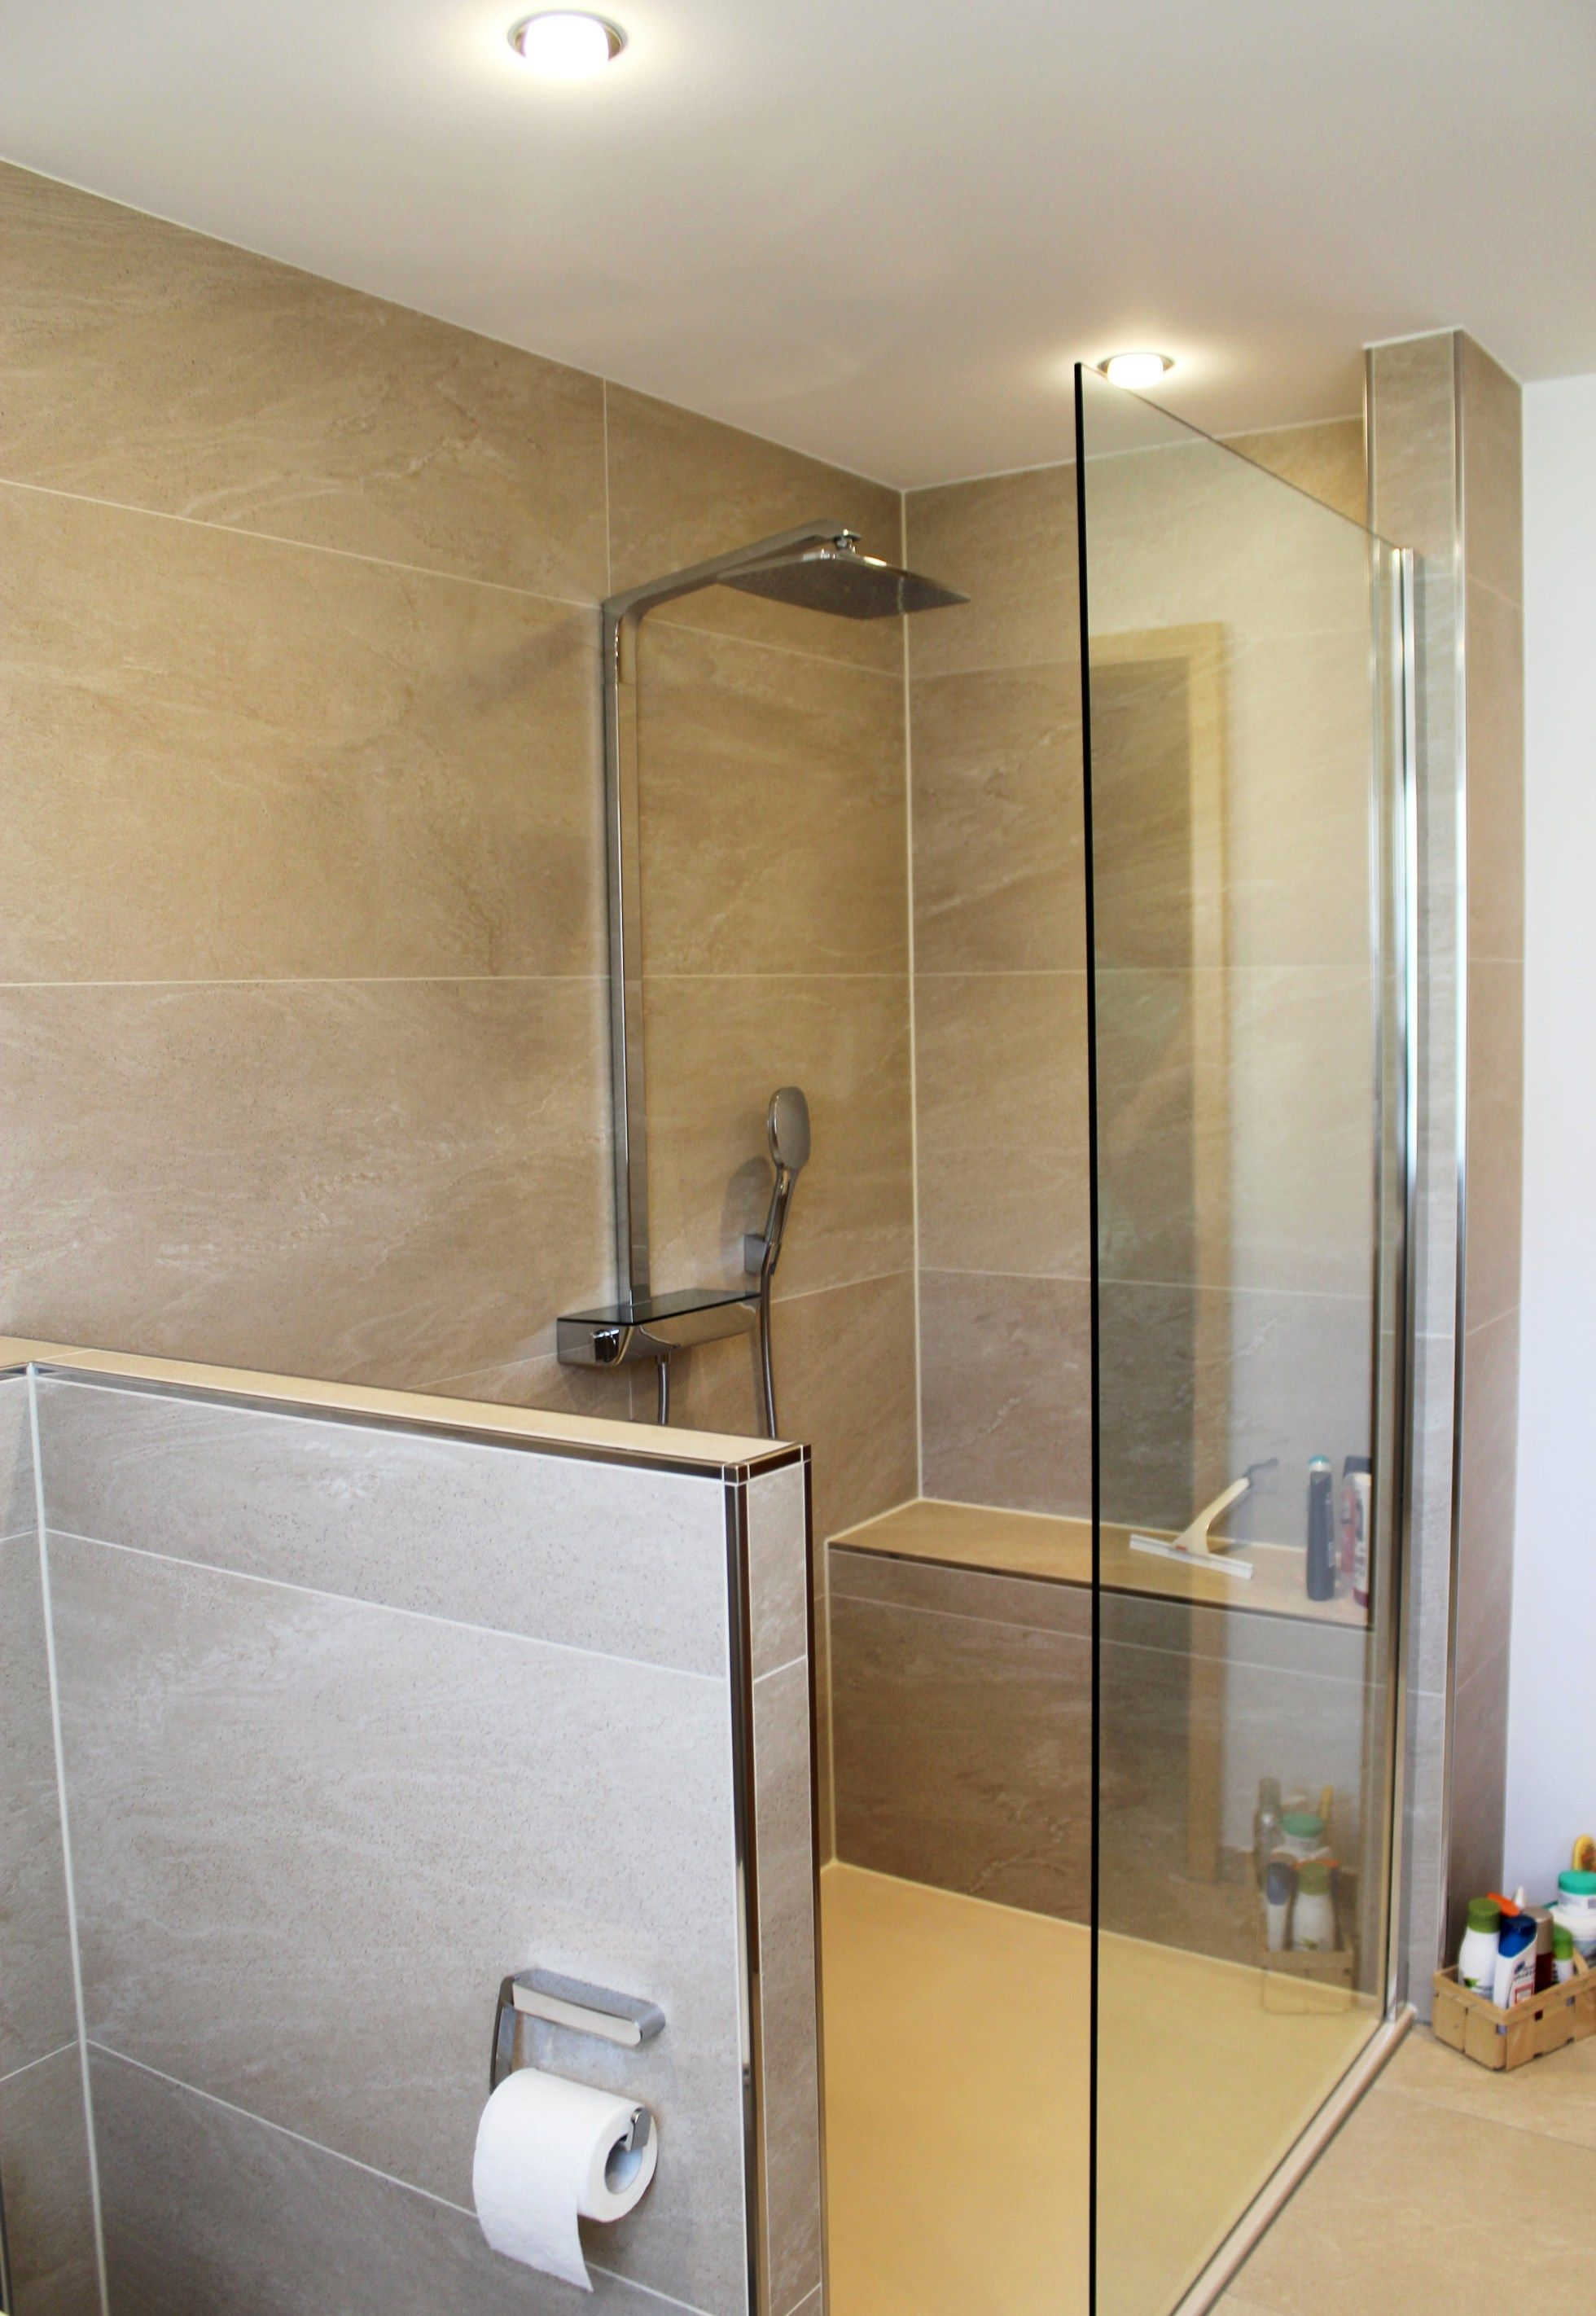 badezimmer dusche gemauert design mit dusche mit sitzbank. Black Bedroom Furniture Sets. Home Design Ideas